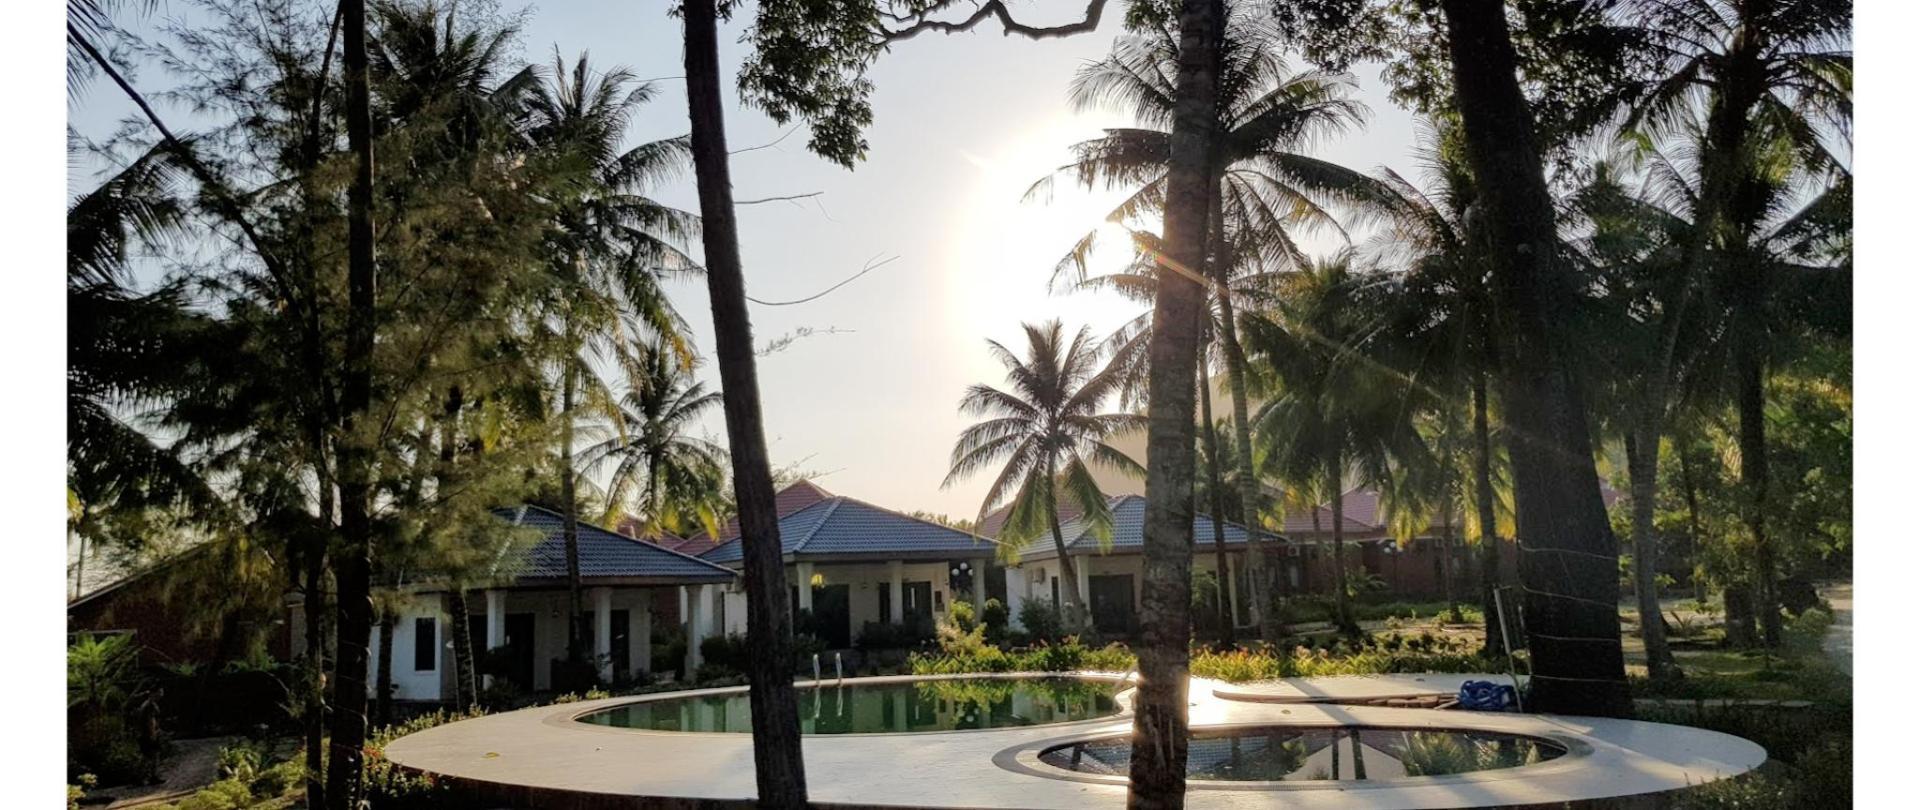 Sunshine on resort.png